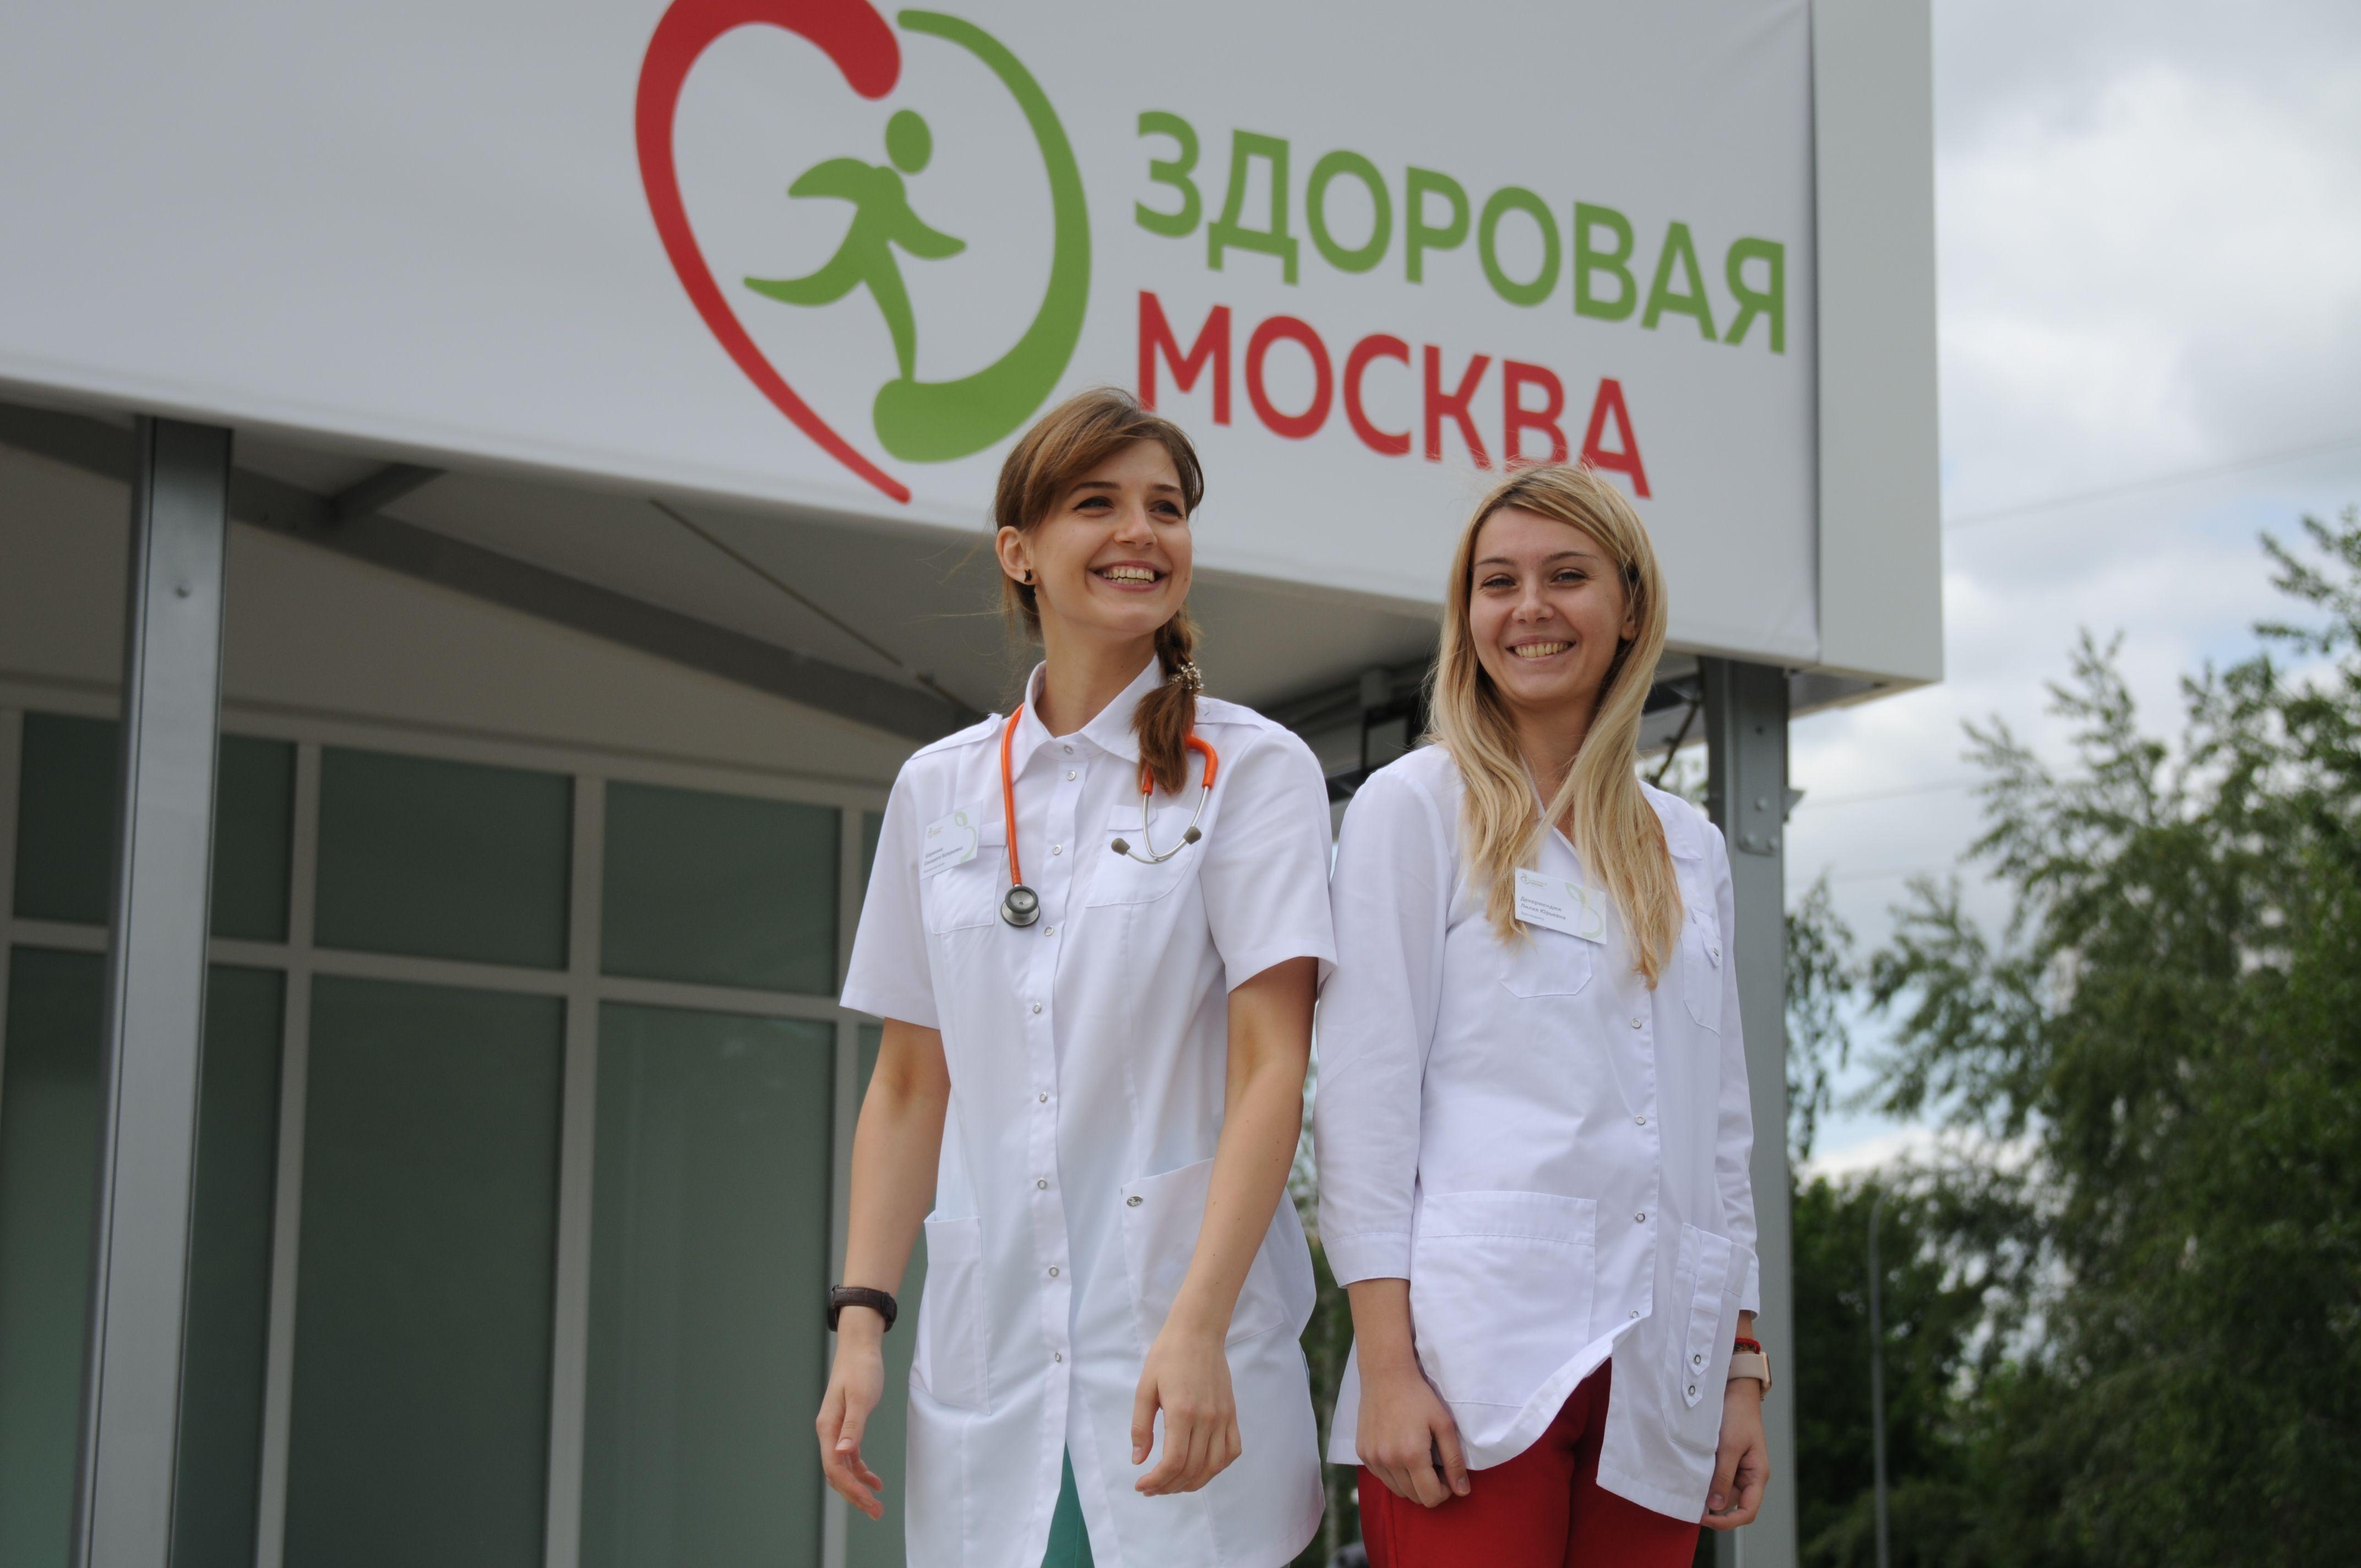 Более 100 тысяч человек проверили здоровье в павильонах «Здоровая Москва»